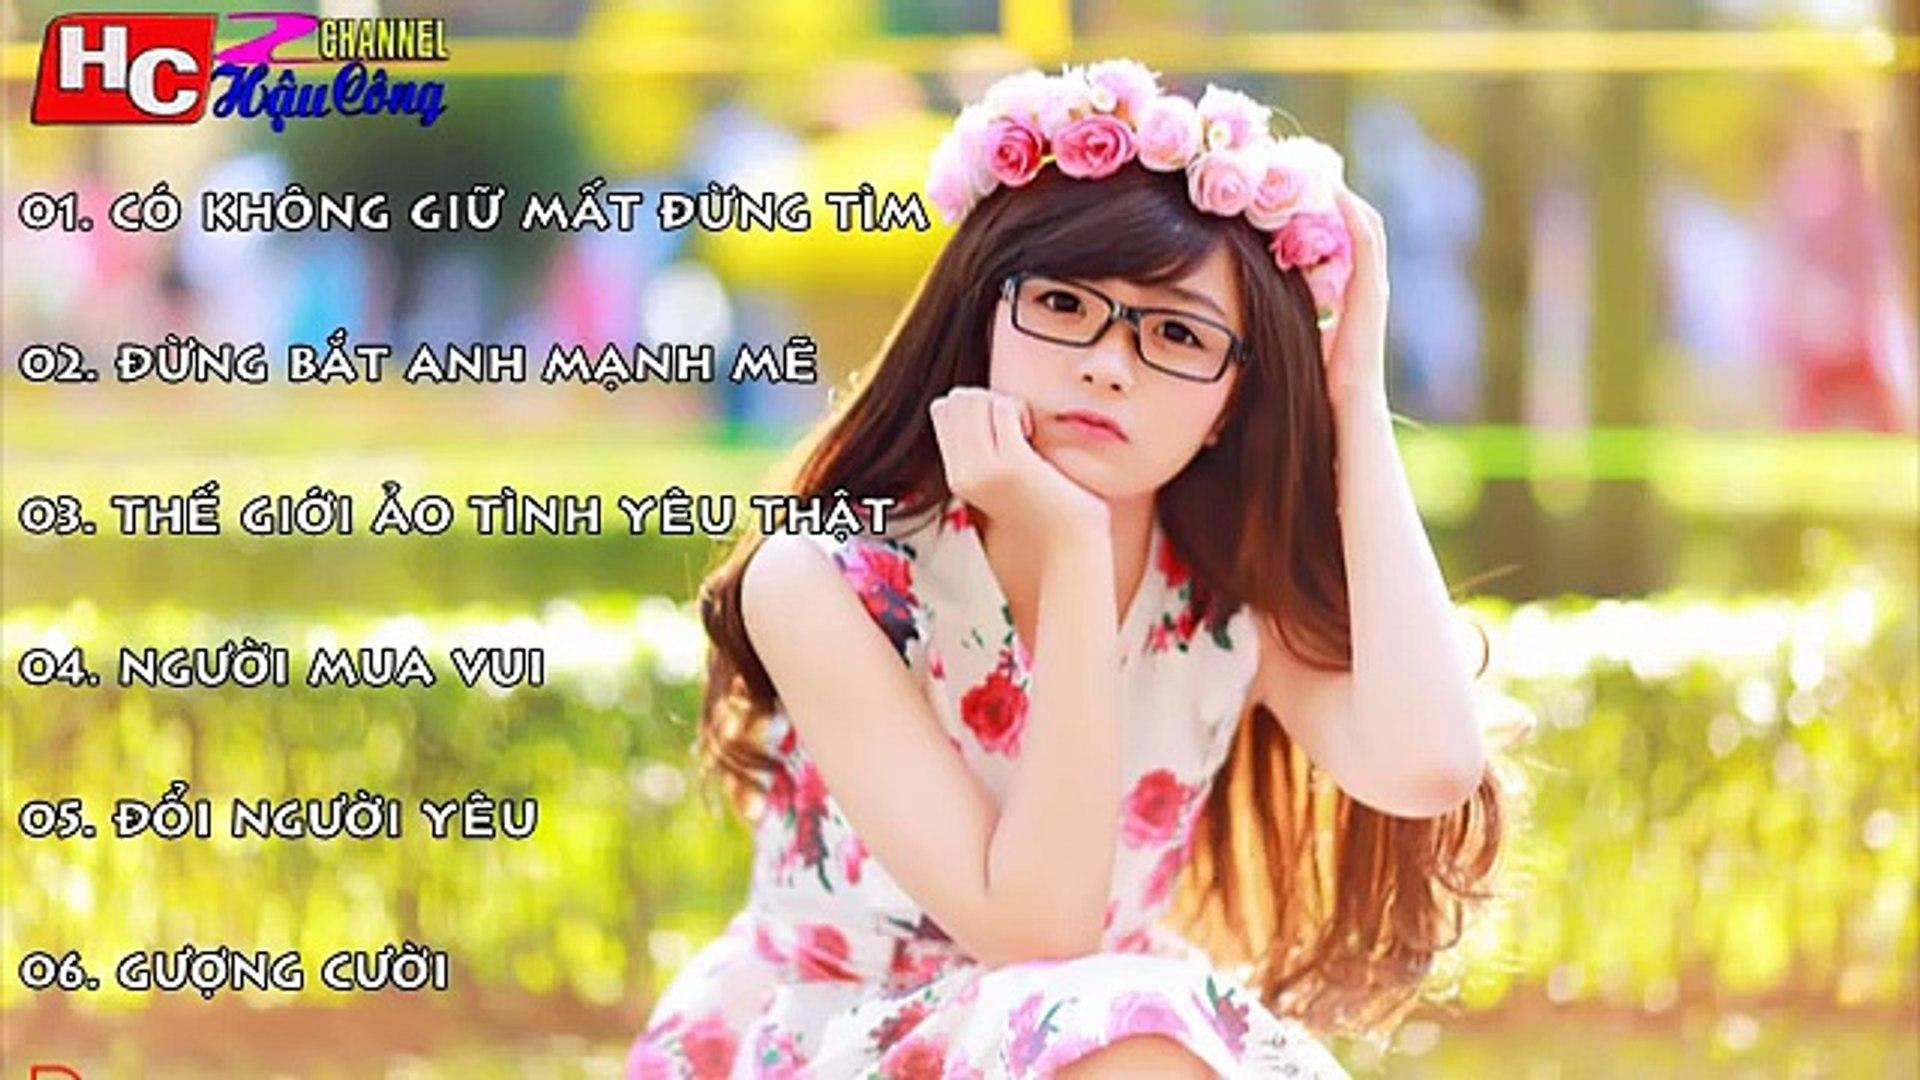 Liên Khúc Nhạc Trẻ Hay Nhất Tháng 11 2015 Nonstop - Việt Mix - H.I.T -Có Không Giữ Mất Đừn